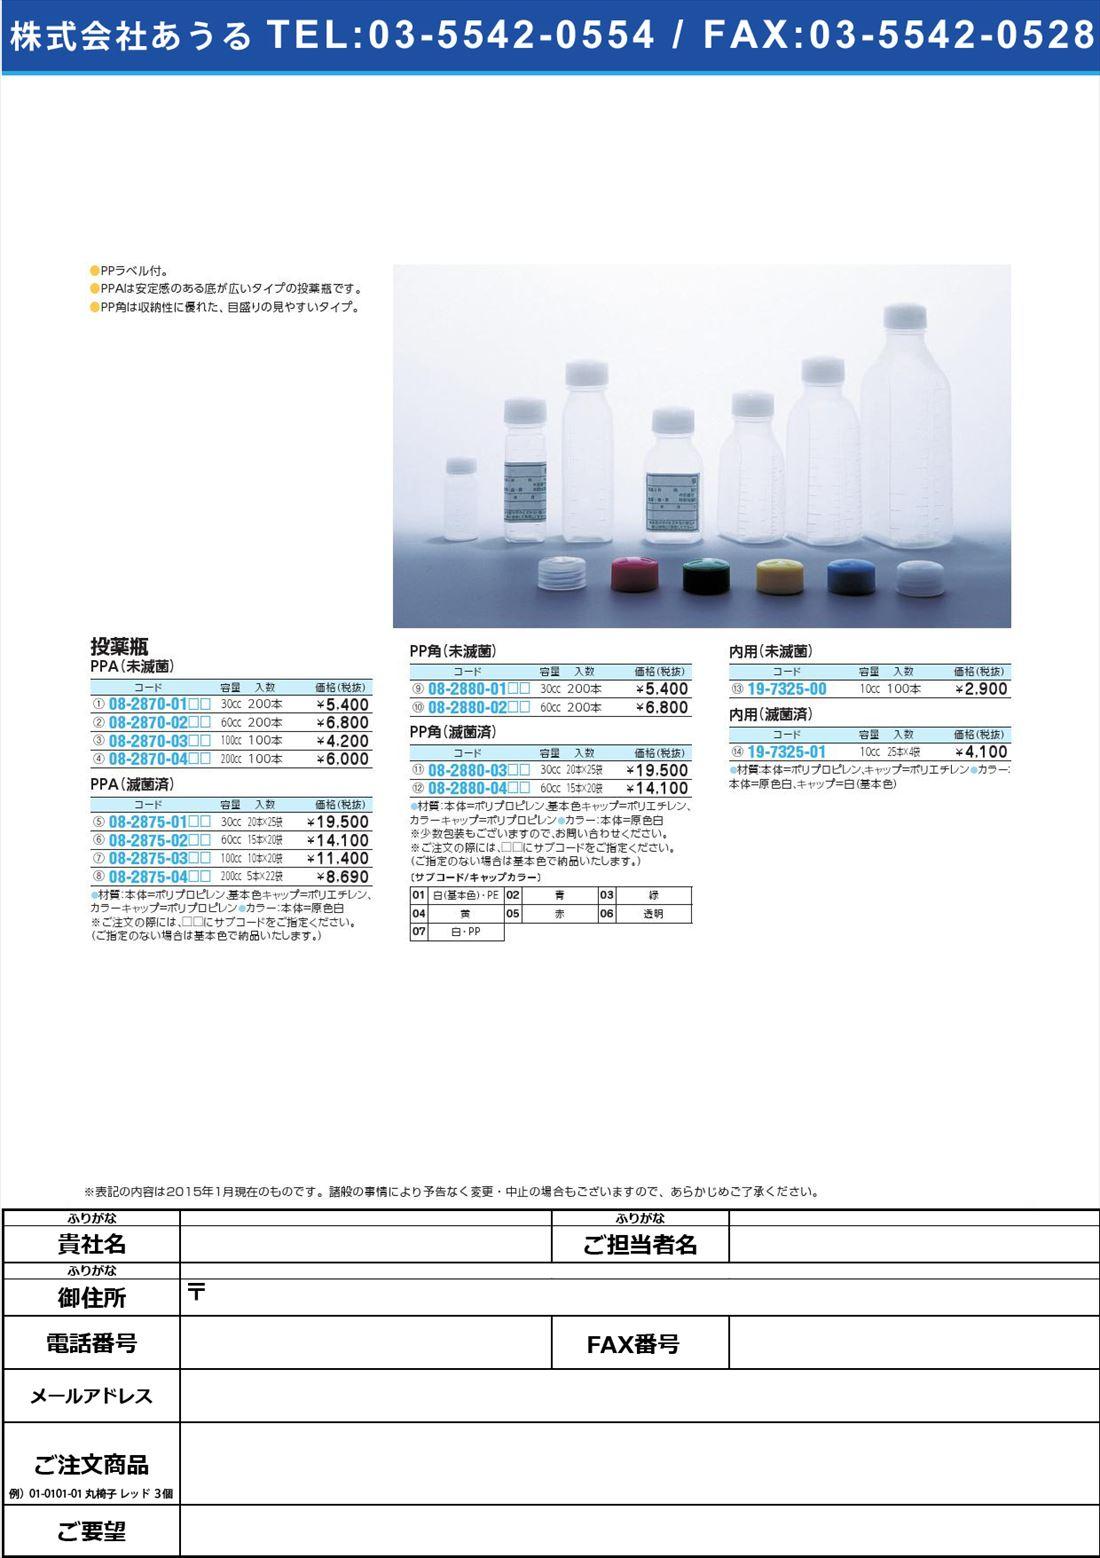 投薬瓶PP角(未滅菌) トウヤクビンPPカク(ミメッキン) 30CC(200ポンイリ)【1梱単位】(08-2880-01)